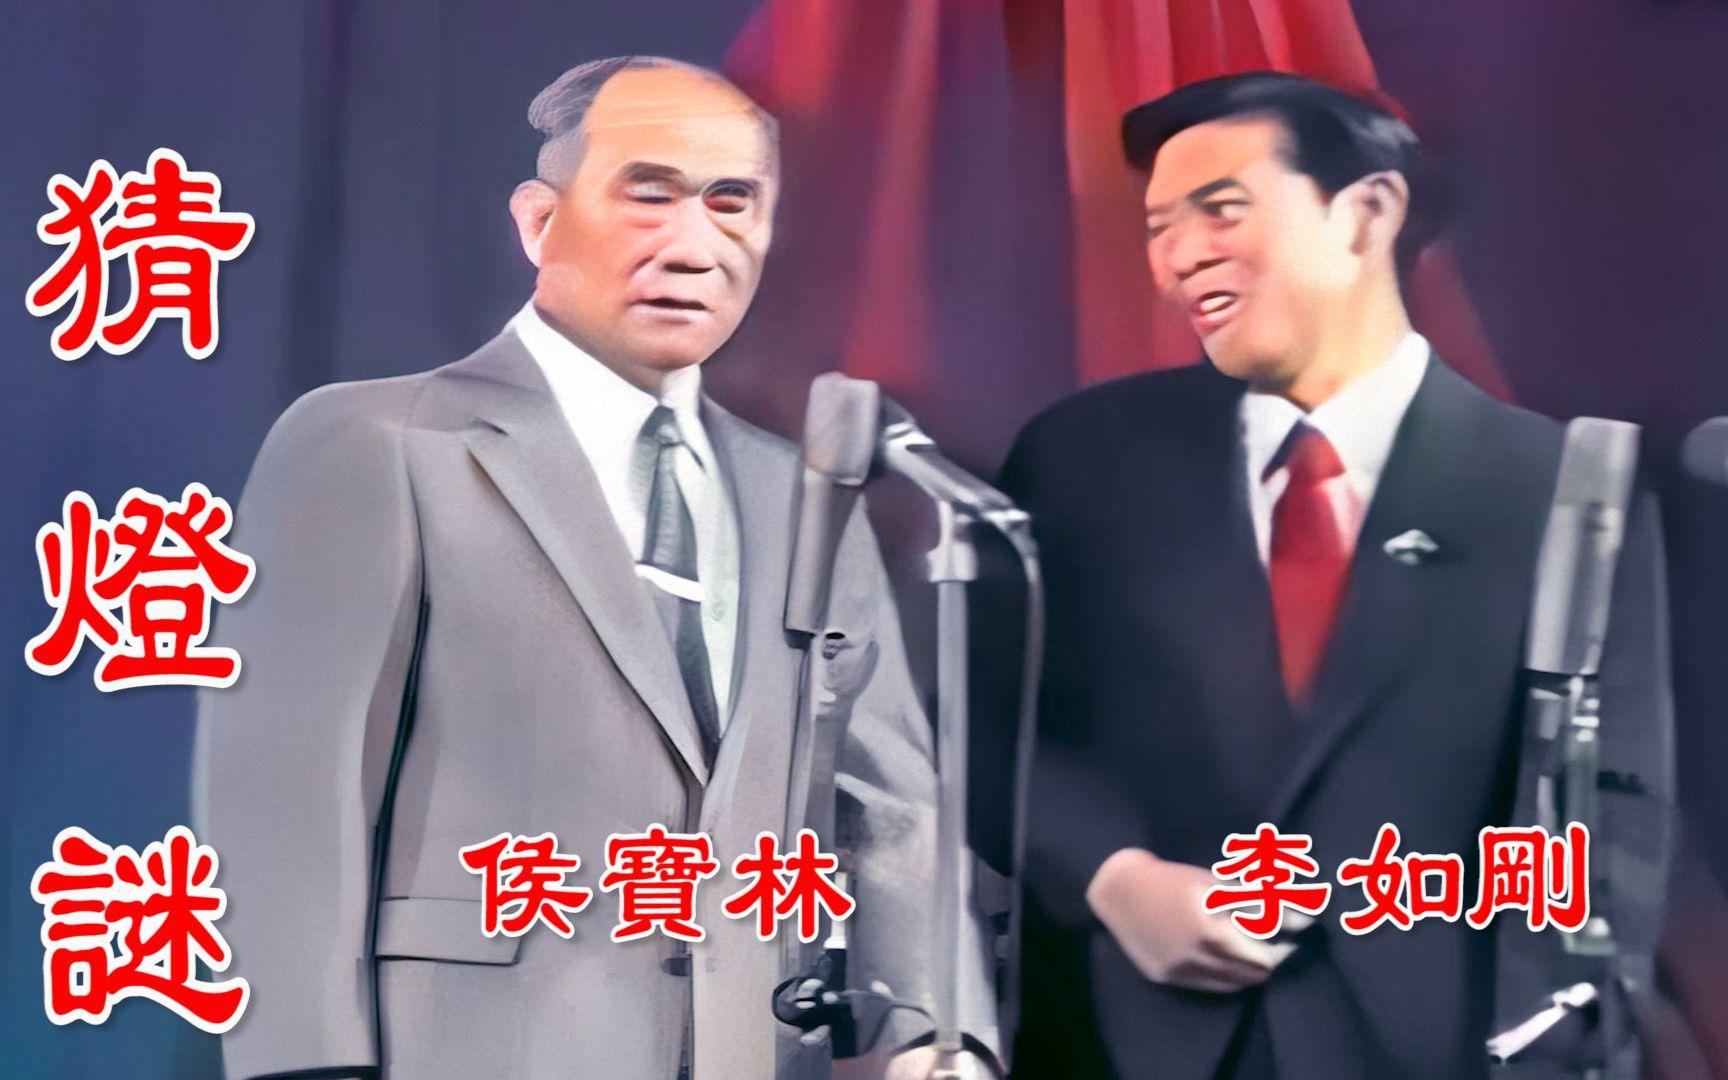 高清修复1984年相声大师侯宝林和李如刚的作品《猜灯谜》珍藏版